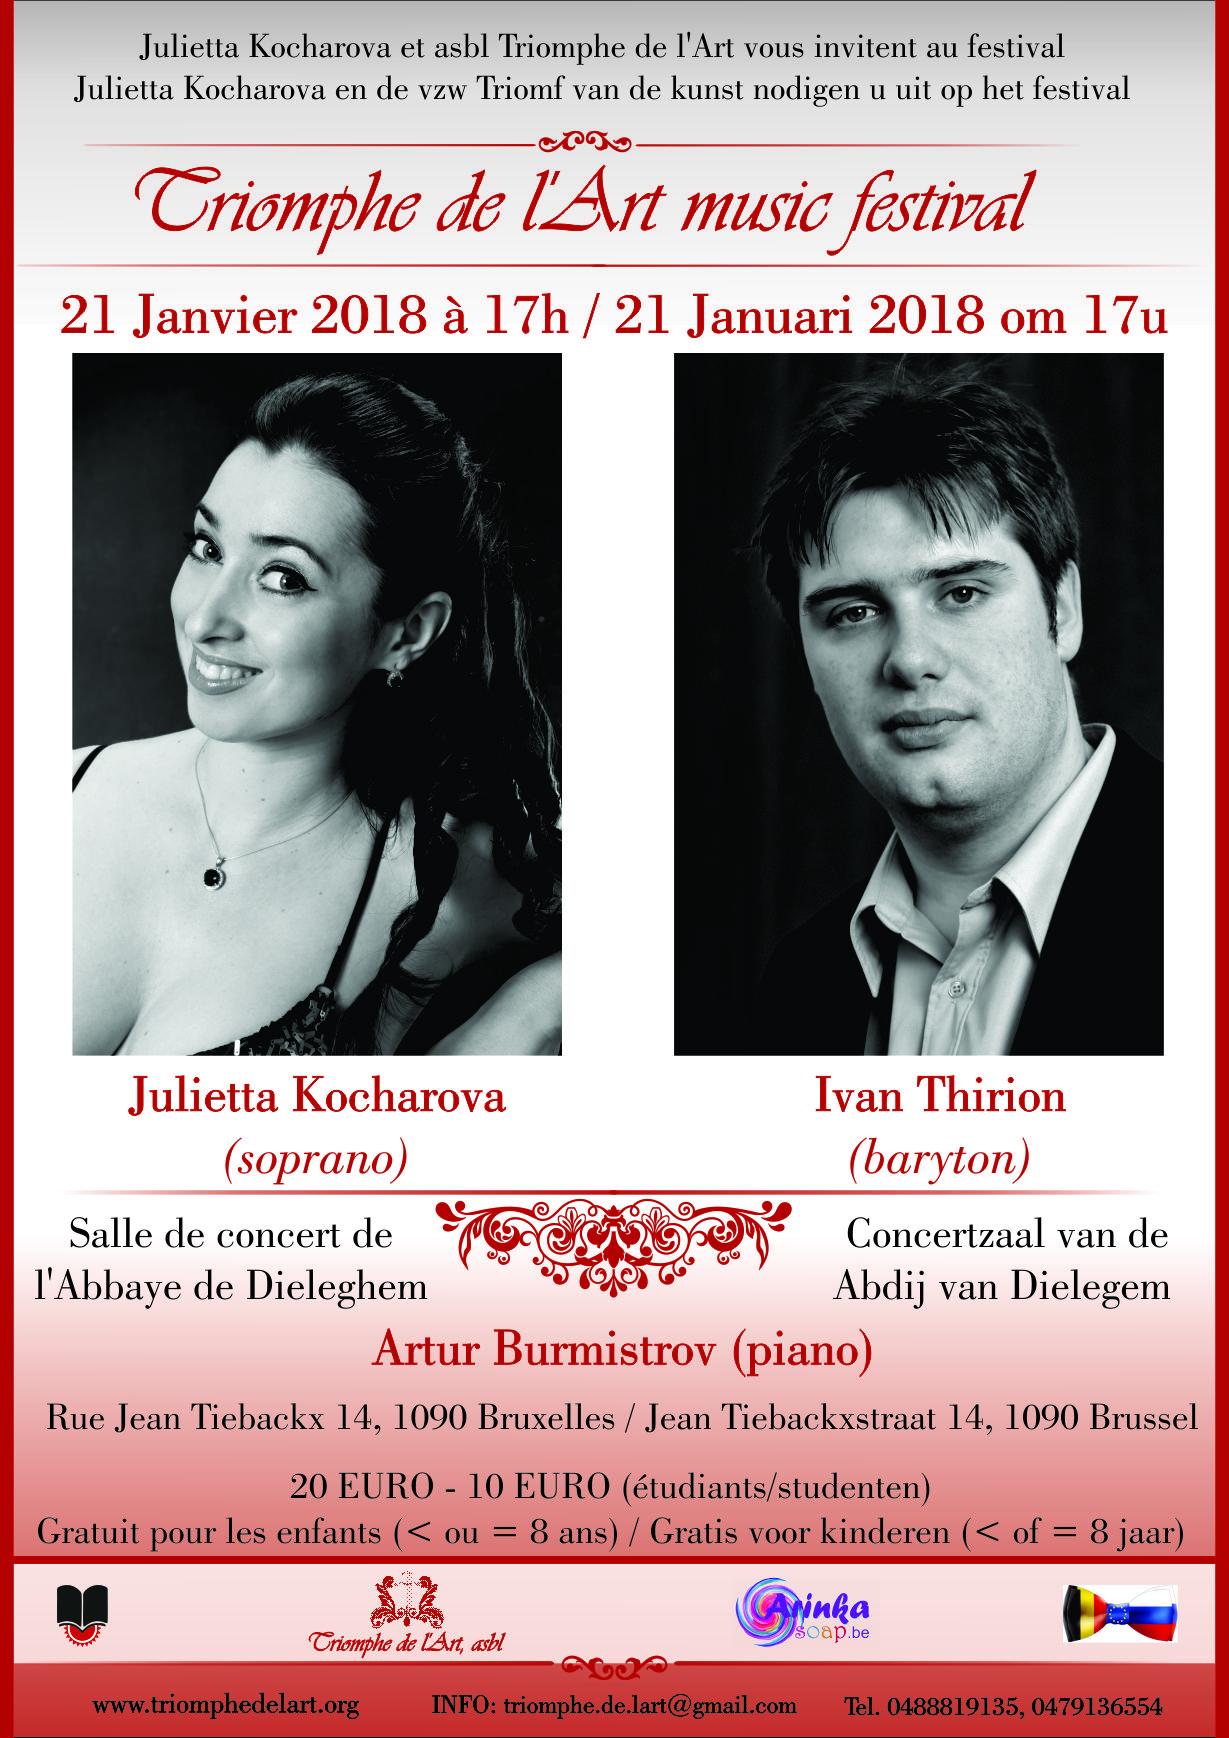 Ivan Thirion opera concert Brussels